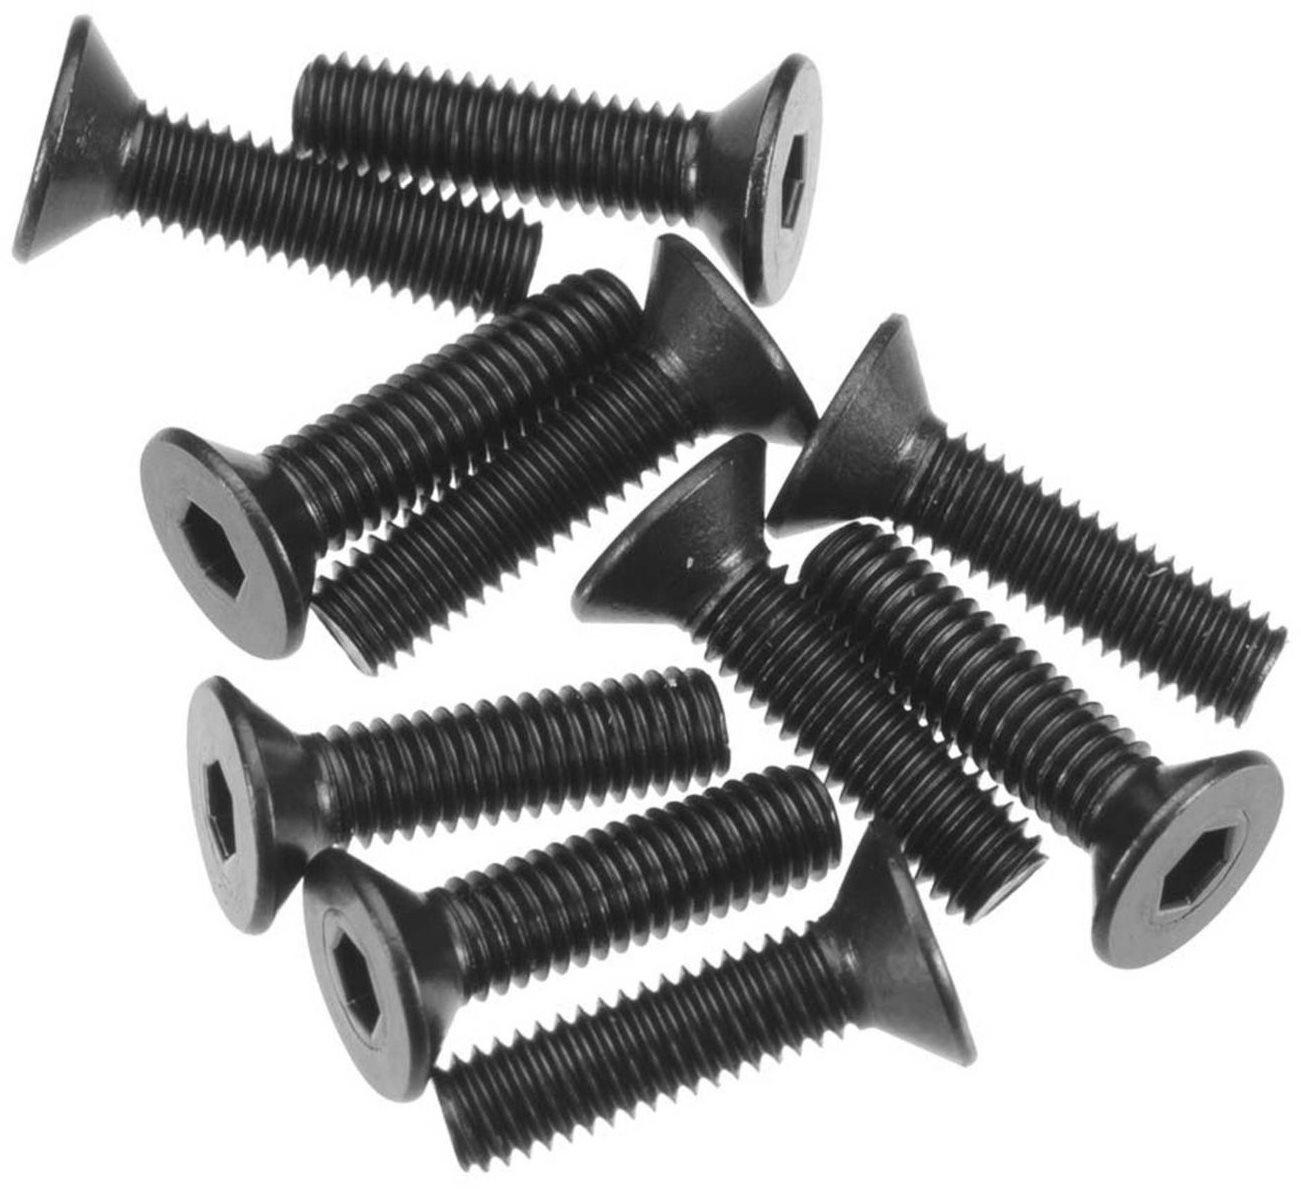 Axial Hex Socket Flat Head M3x12mm Black (10)